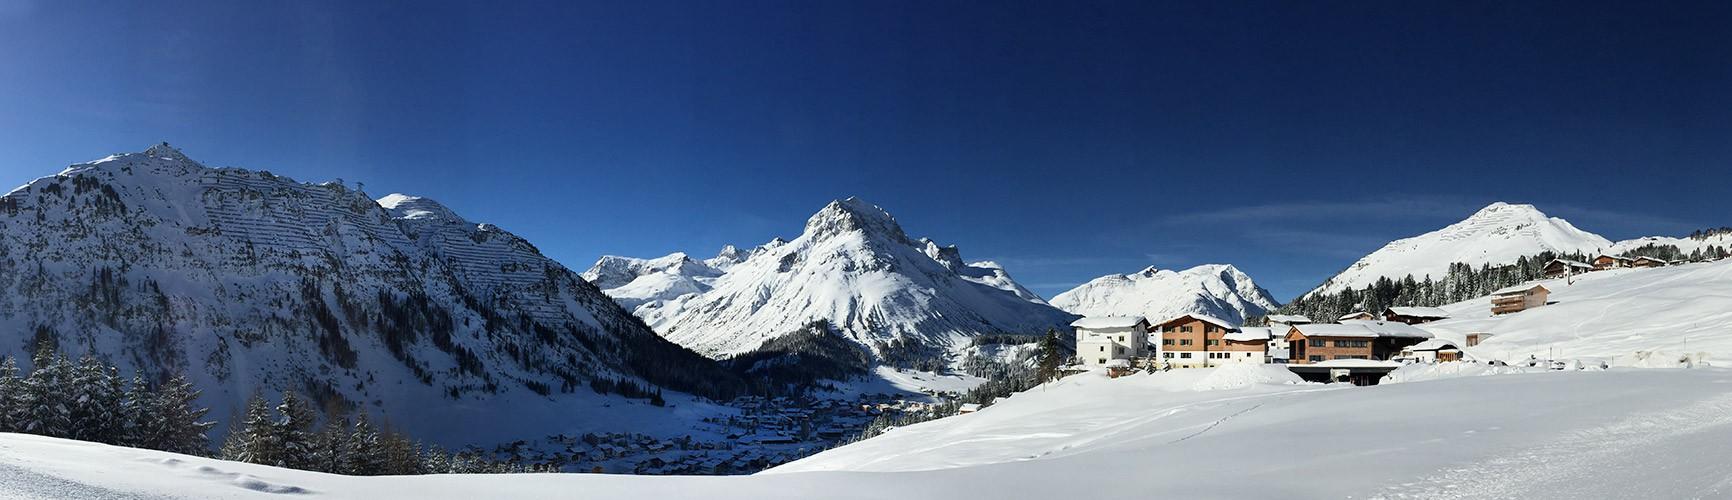 Urlaub mit Aussicht | Bergland Appartements in Lech am Arlberg | Skiurlaub auf 1600m direkt an der Skipiste und an Winterwanderwegen